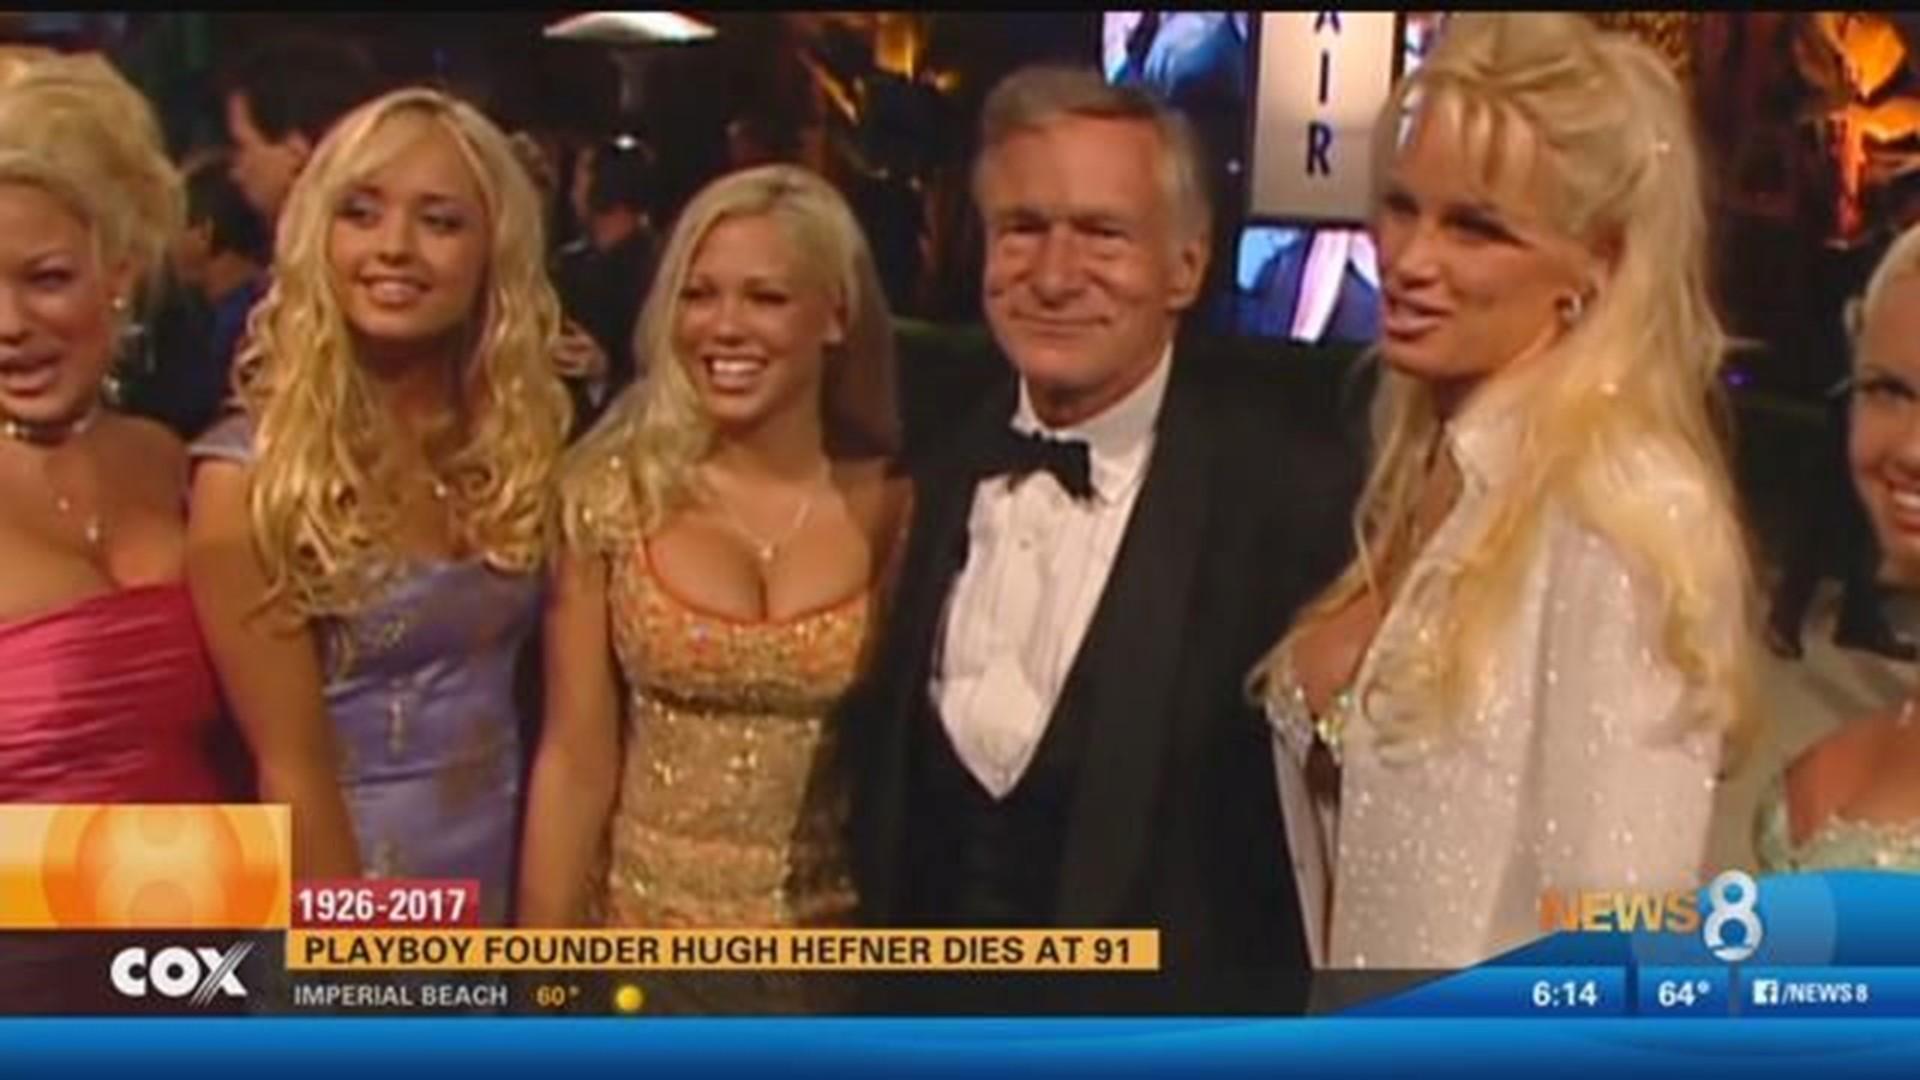 Hugh Hefner Leader Of The Sexual Revolution Dies At 91 Cbs8 Com